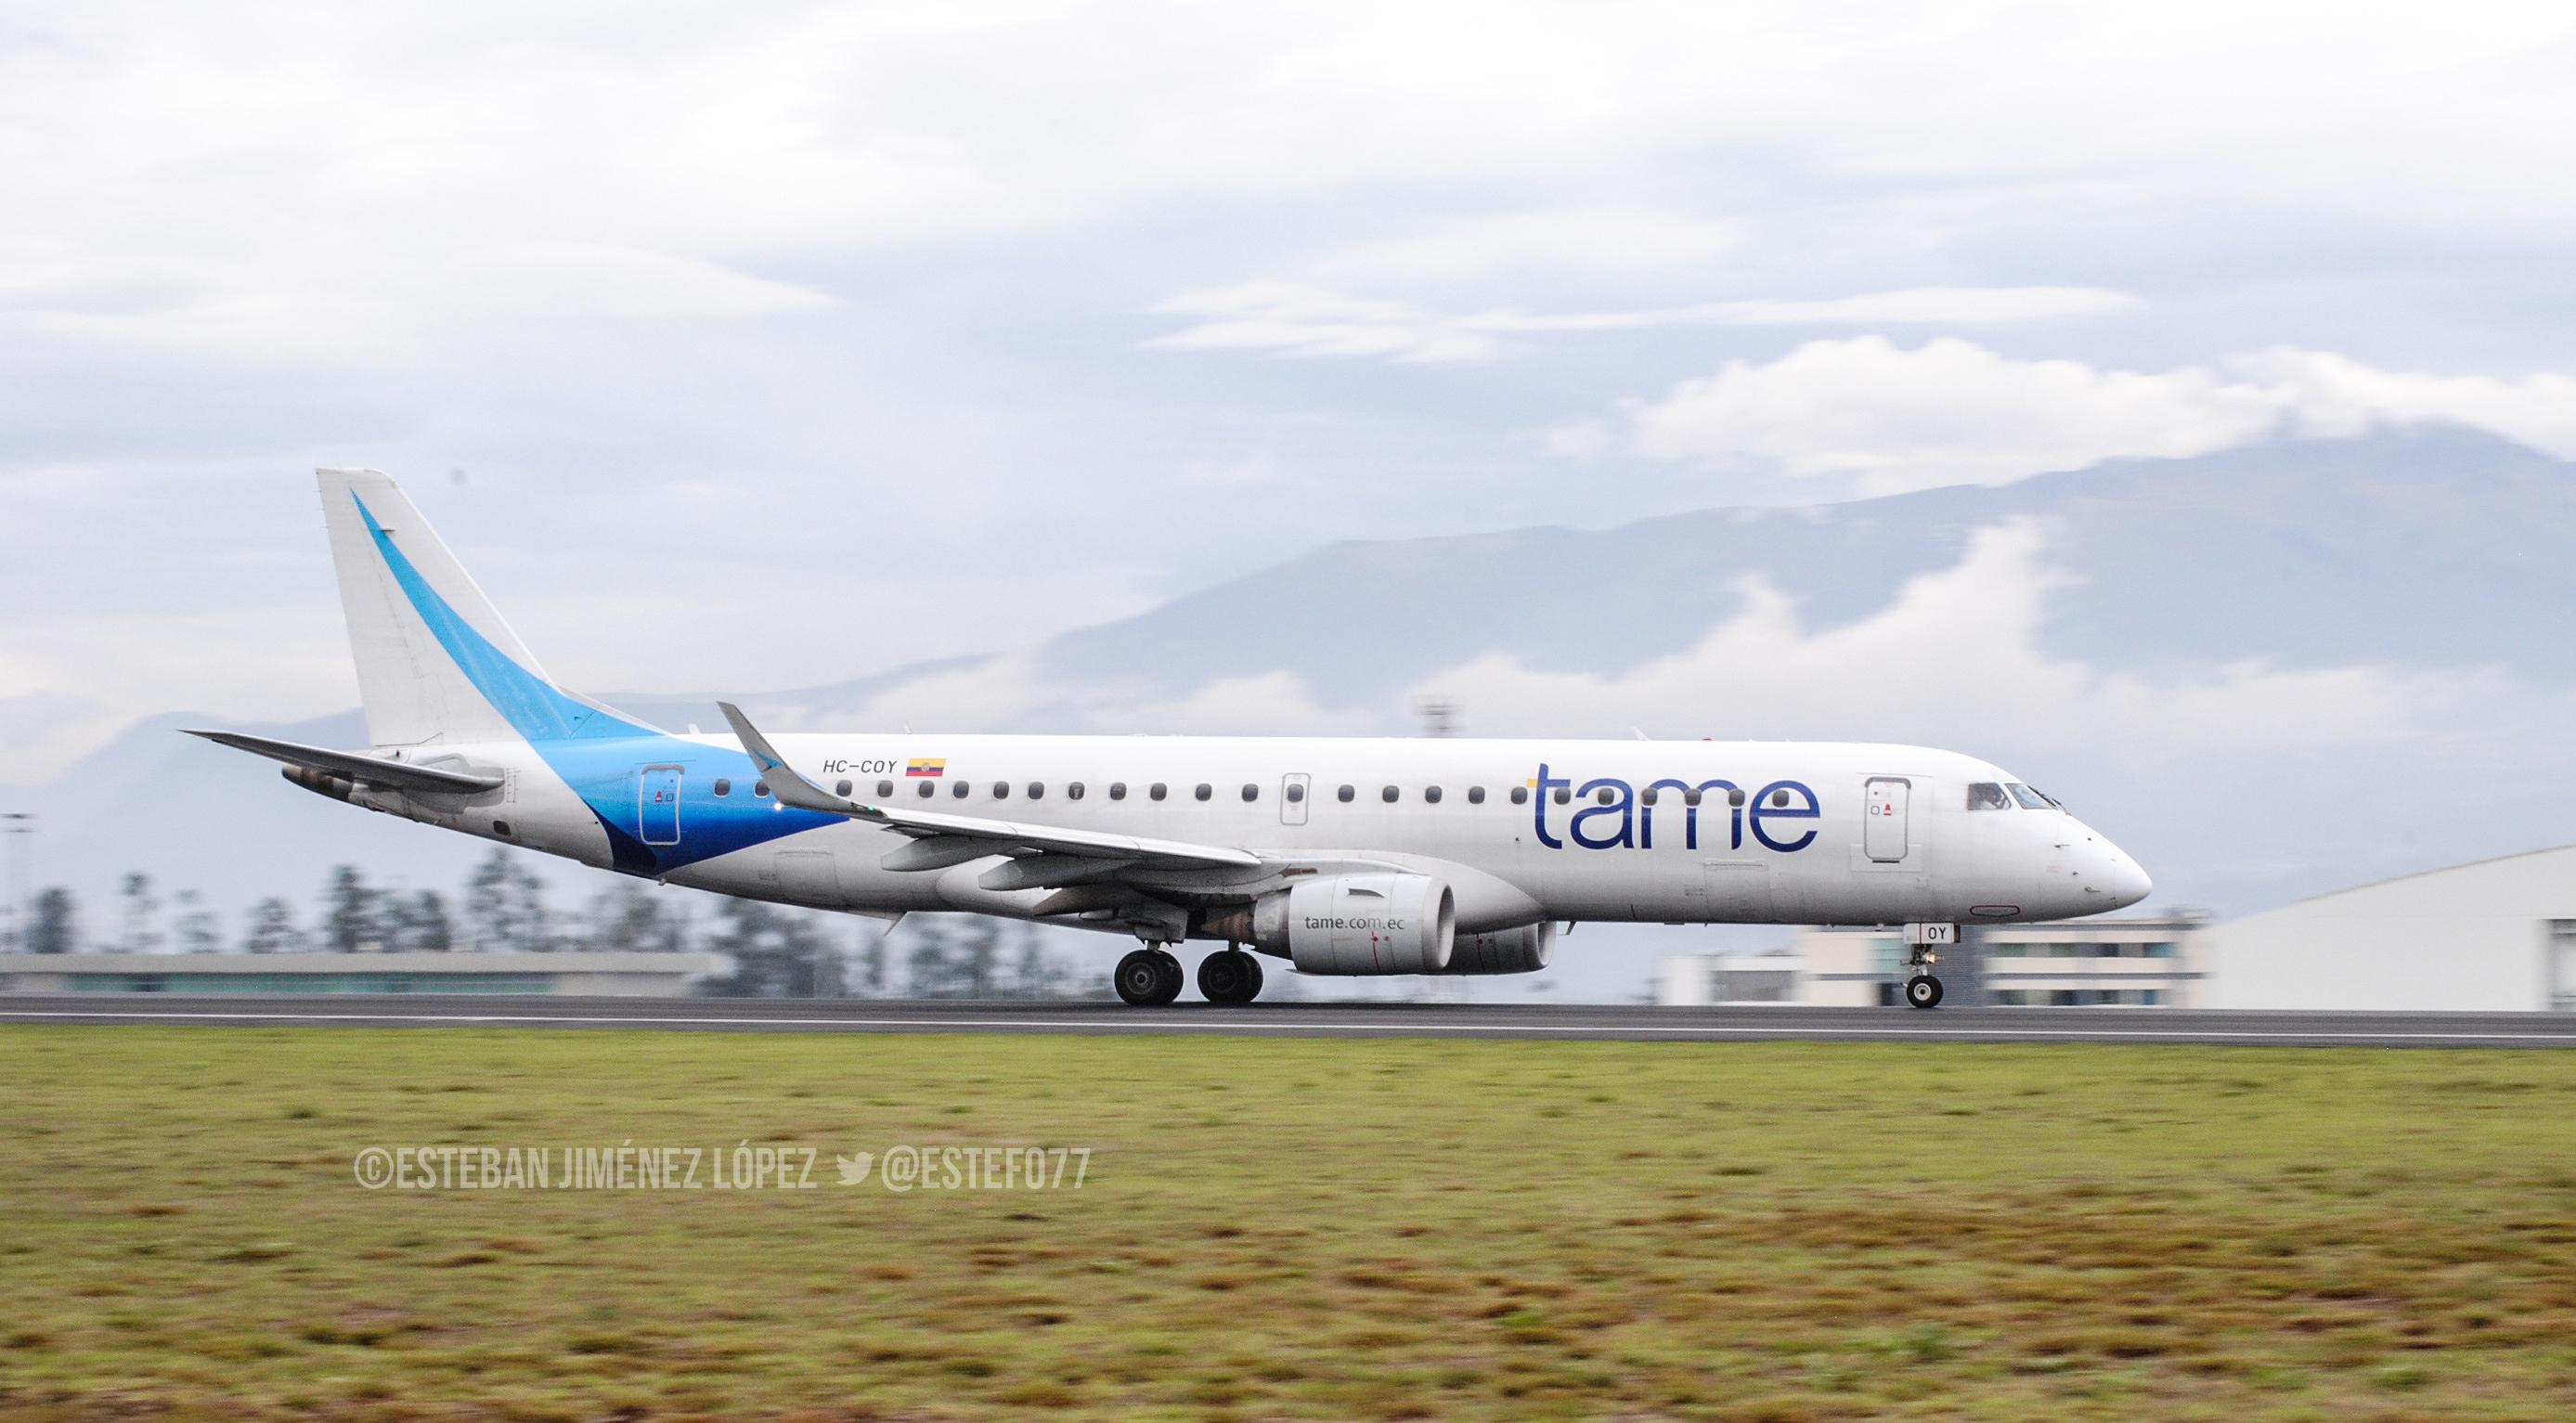 Ecuador: Ampliarán pista del aeropuerto Mariscal La Mar